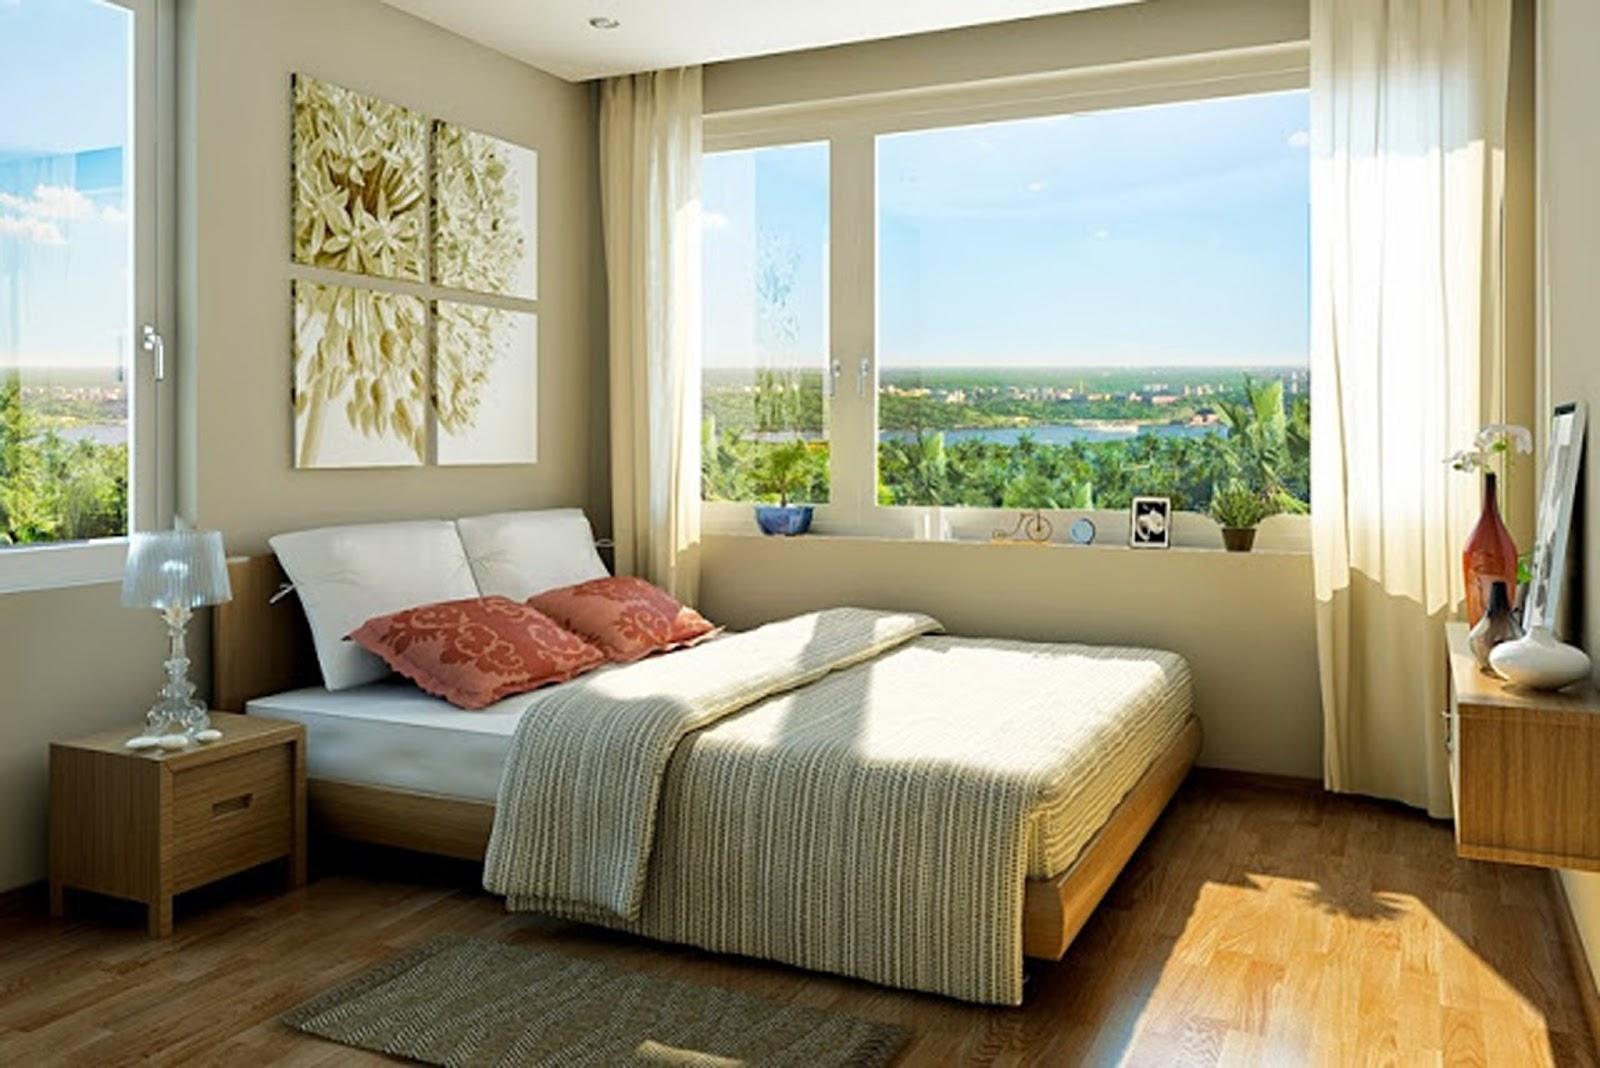 Bố trí phòng ngủ đẹp, hợp phong thủy là điều ai cũng muốn.